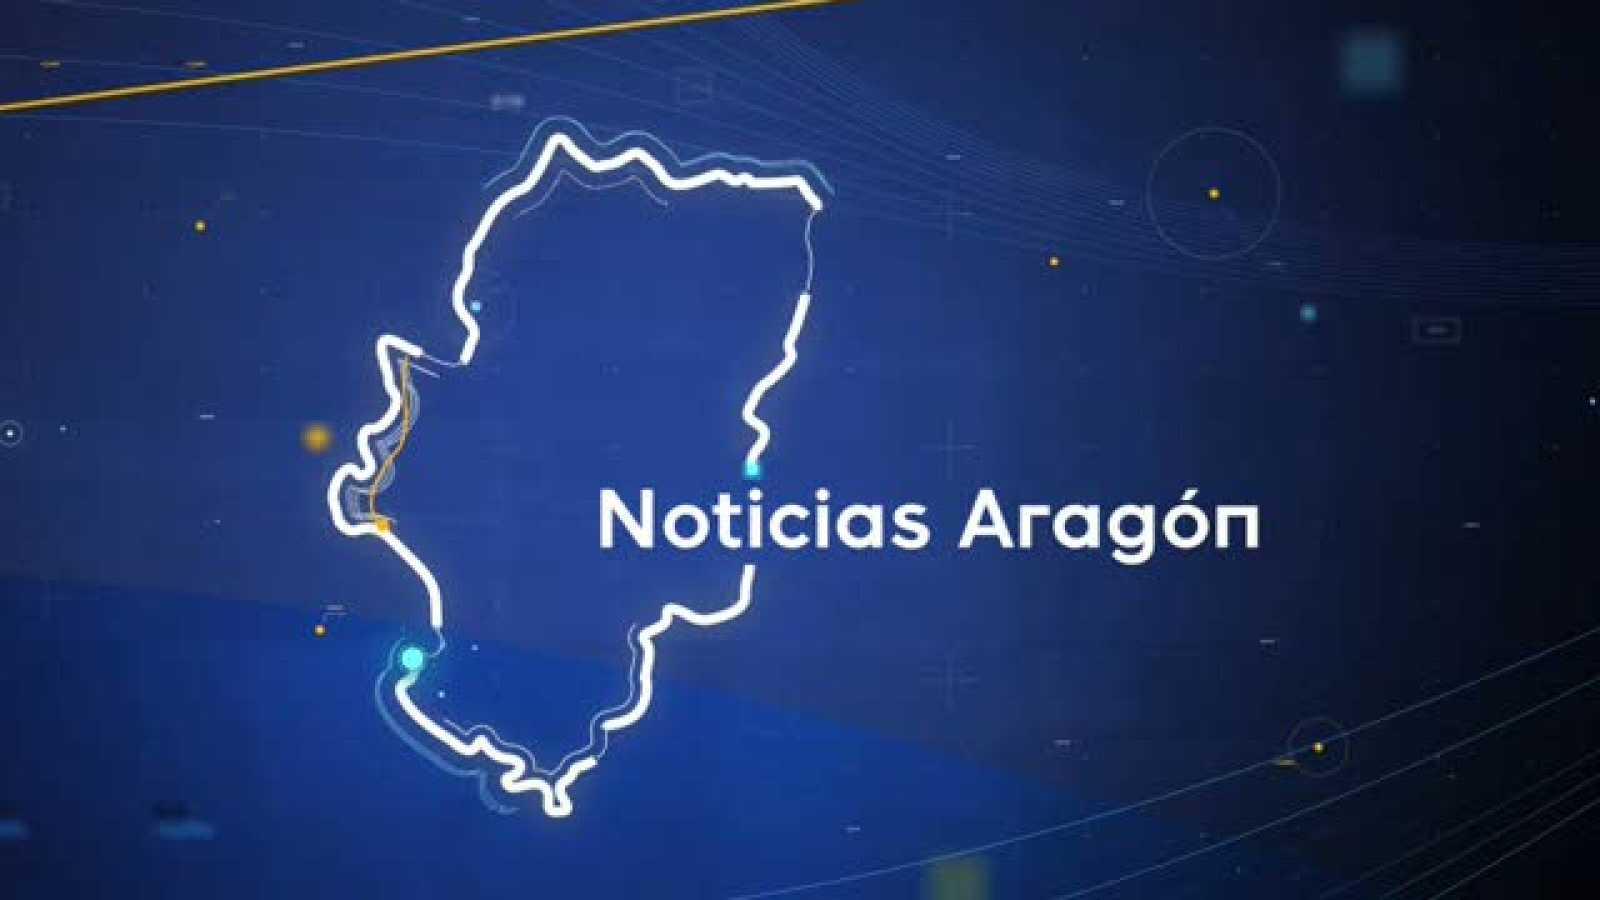 Aragón en 2 - 19/04/21 - Ver ahora